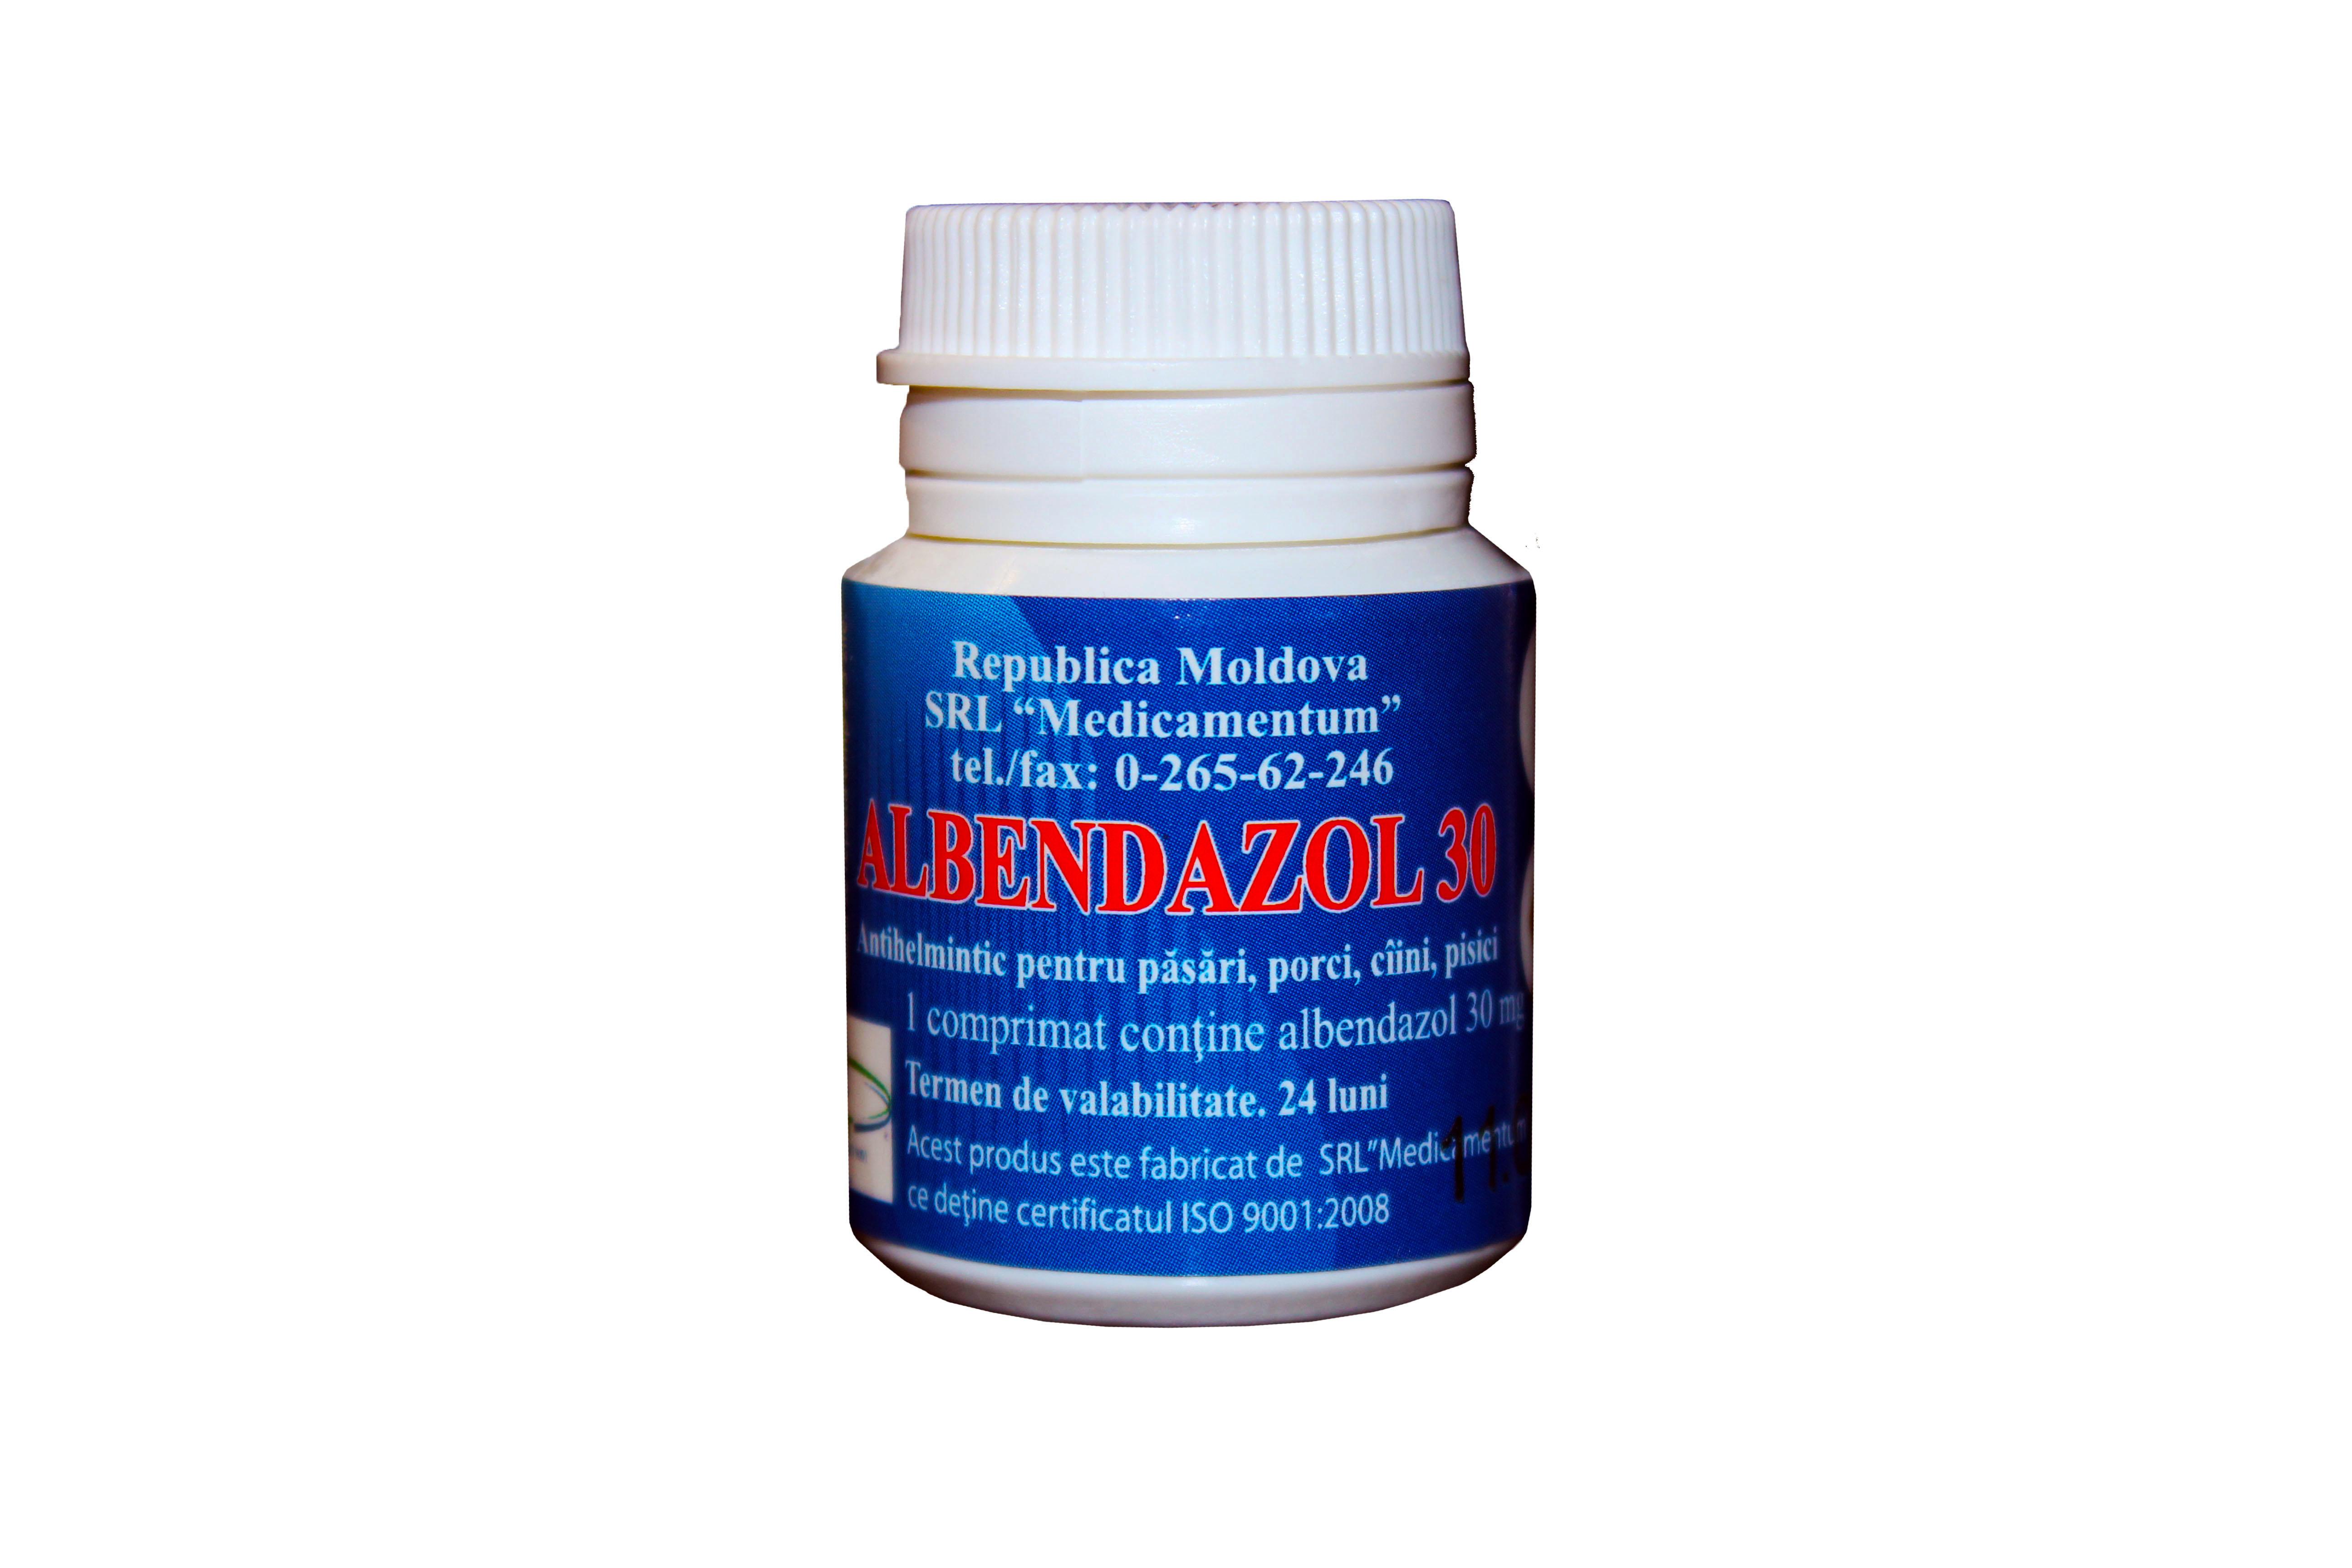 medicamente antihelmintice utilizate pentru nematodoze